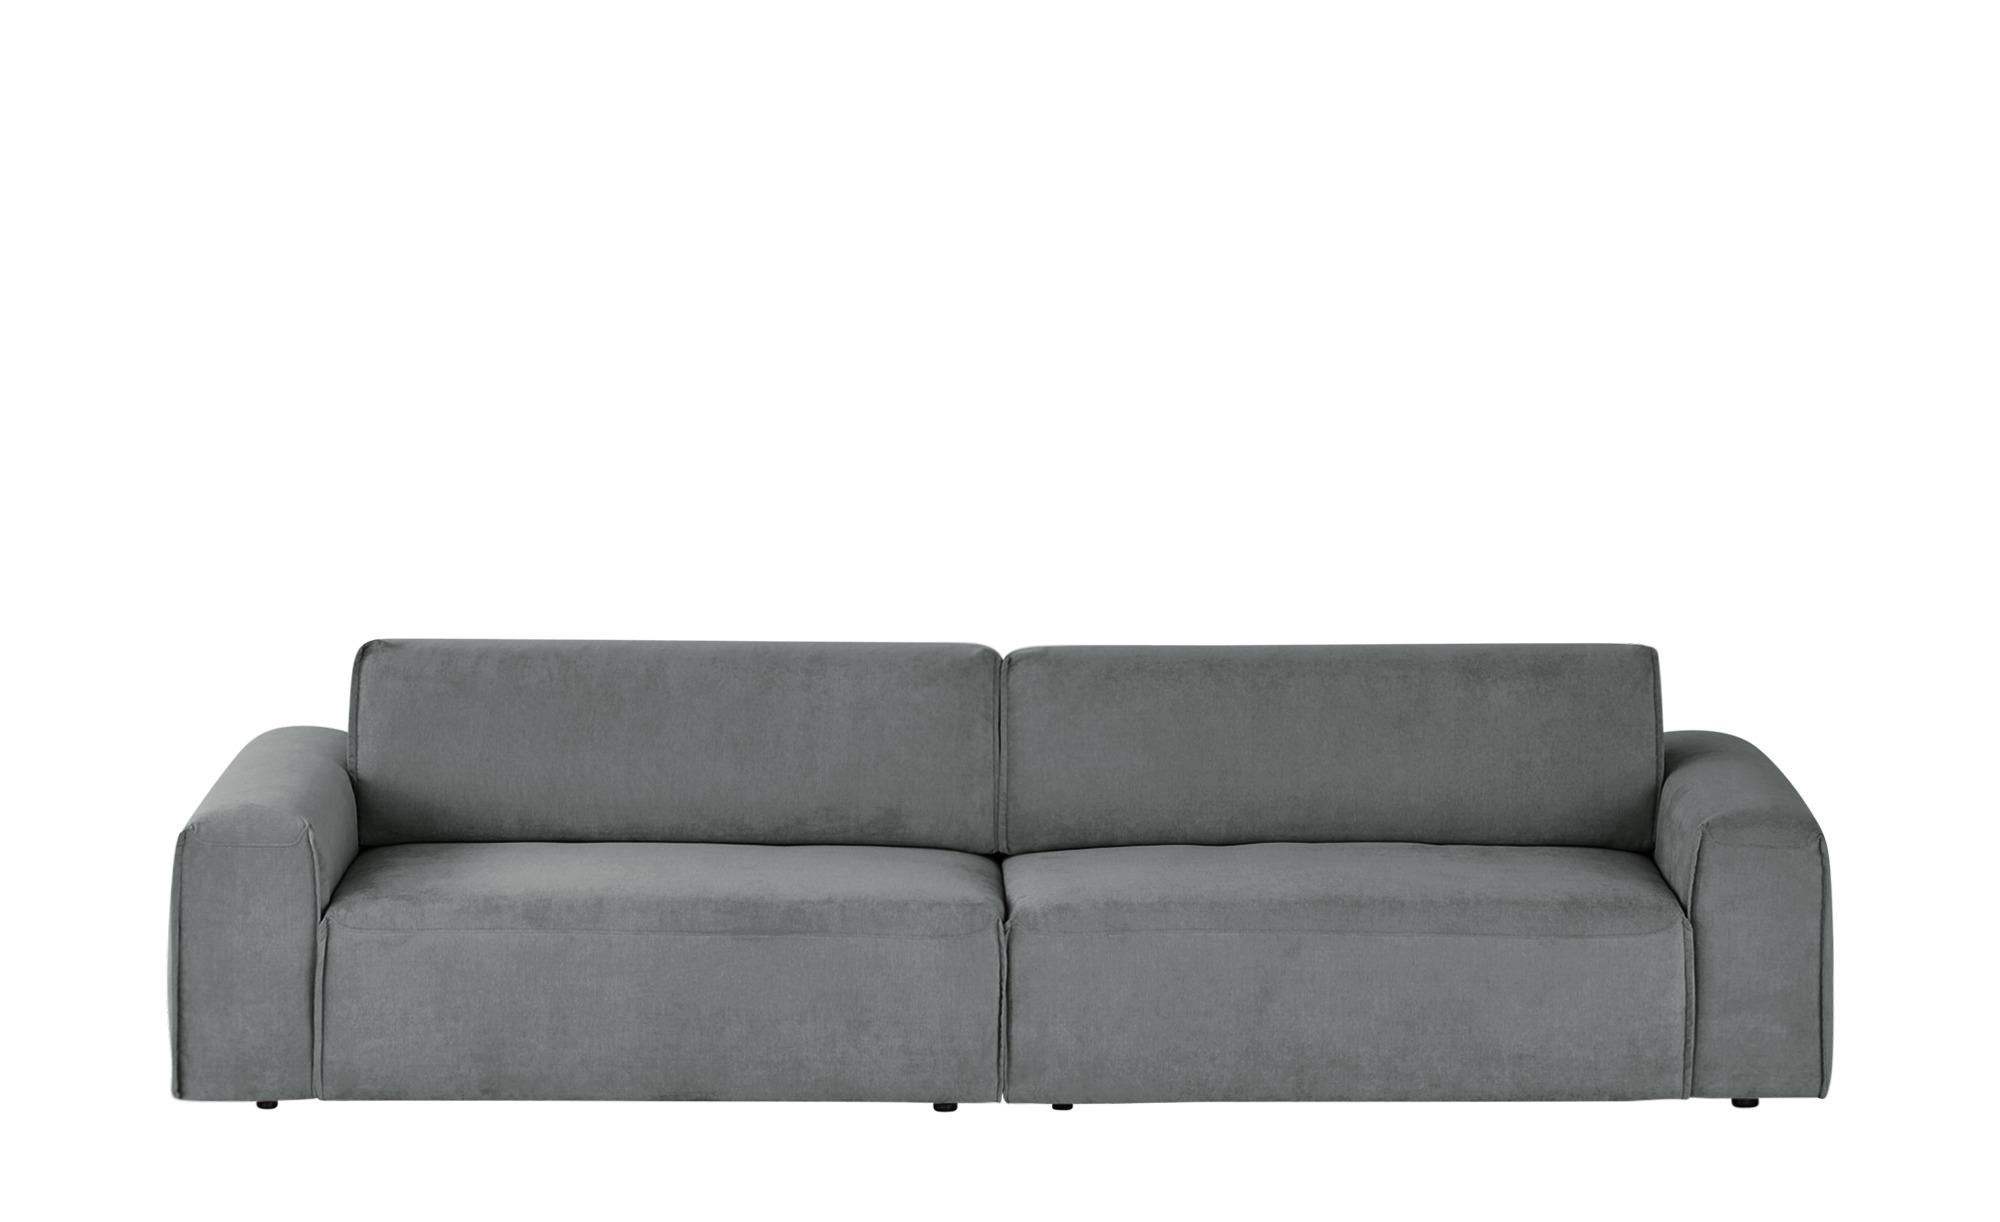 Max Schelling Big Sofa  Life ¦ grau ¦ Maße (cm): B: 296 T: 120 Polstermöbel > Sofas > Big-Sofas - Höffner